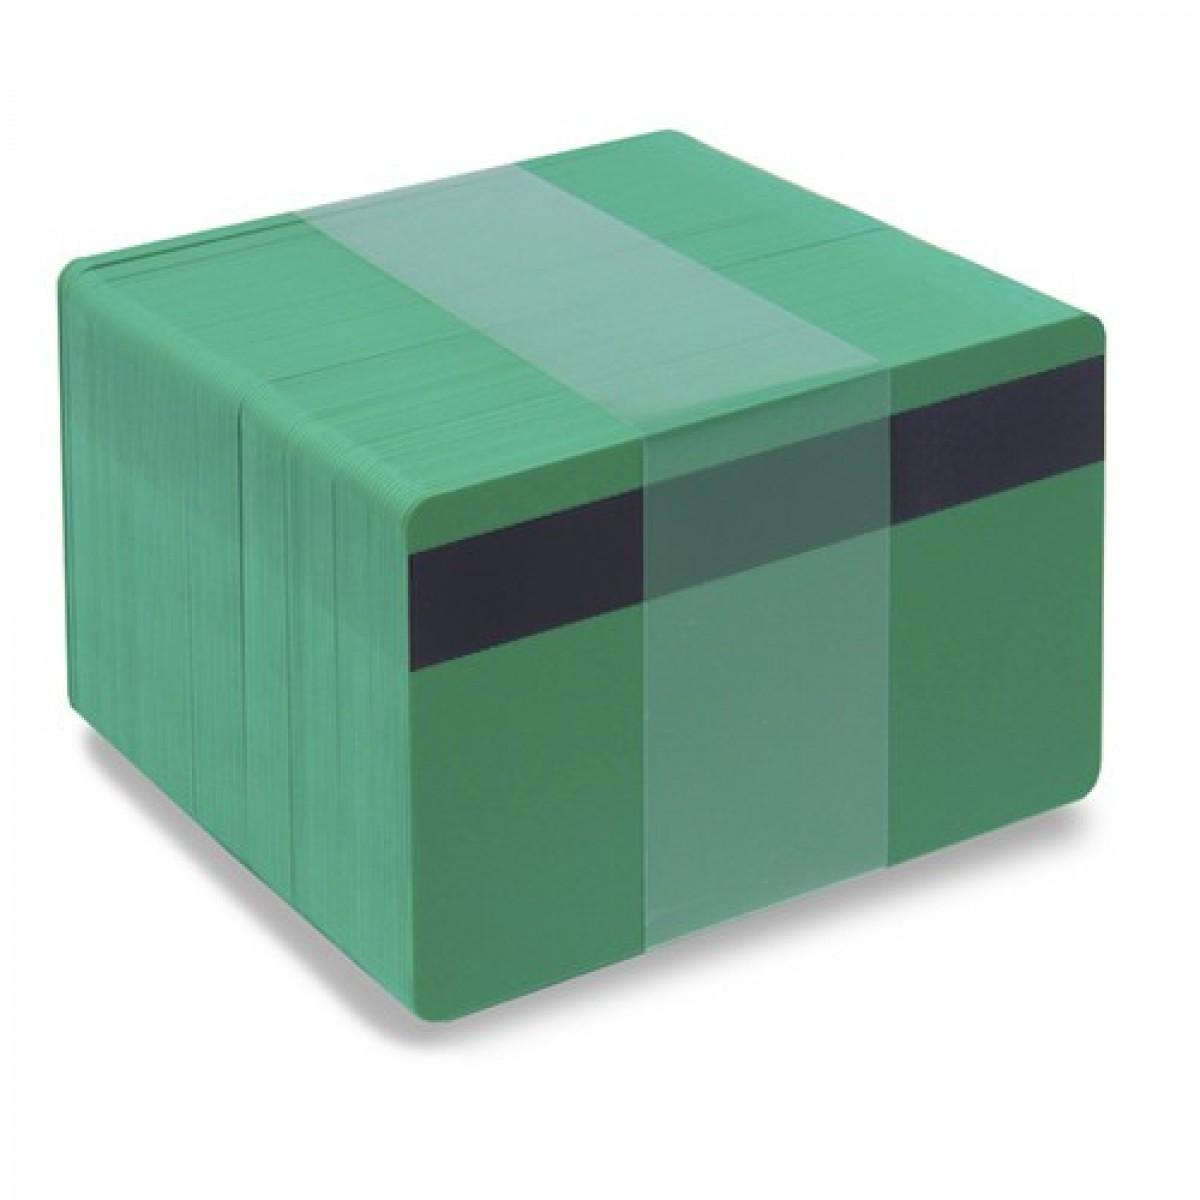 Gröna plastkort - Magnetremsa